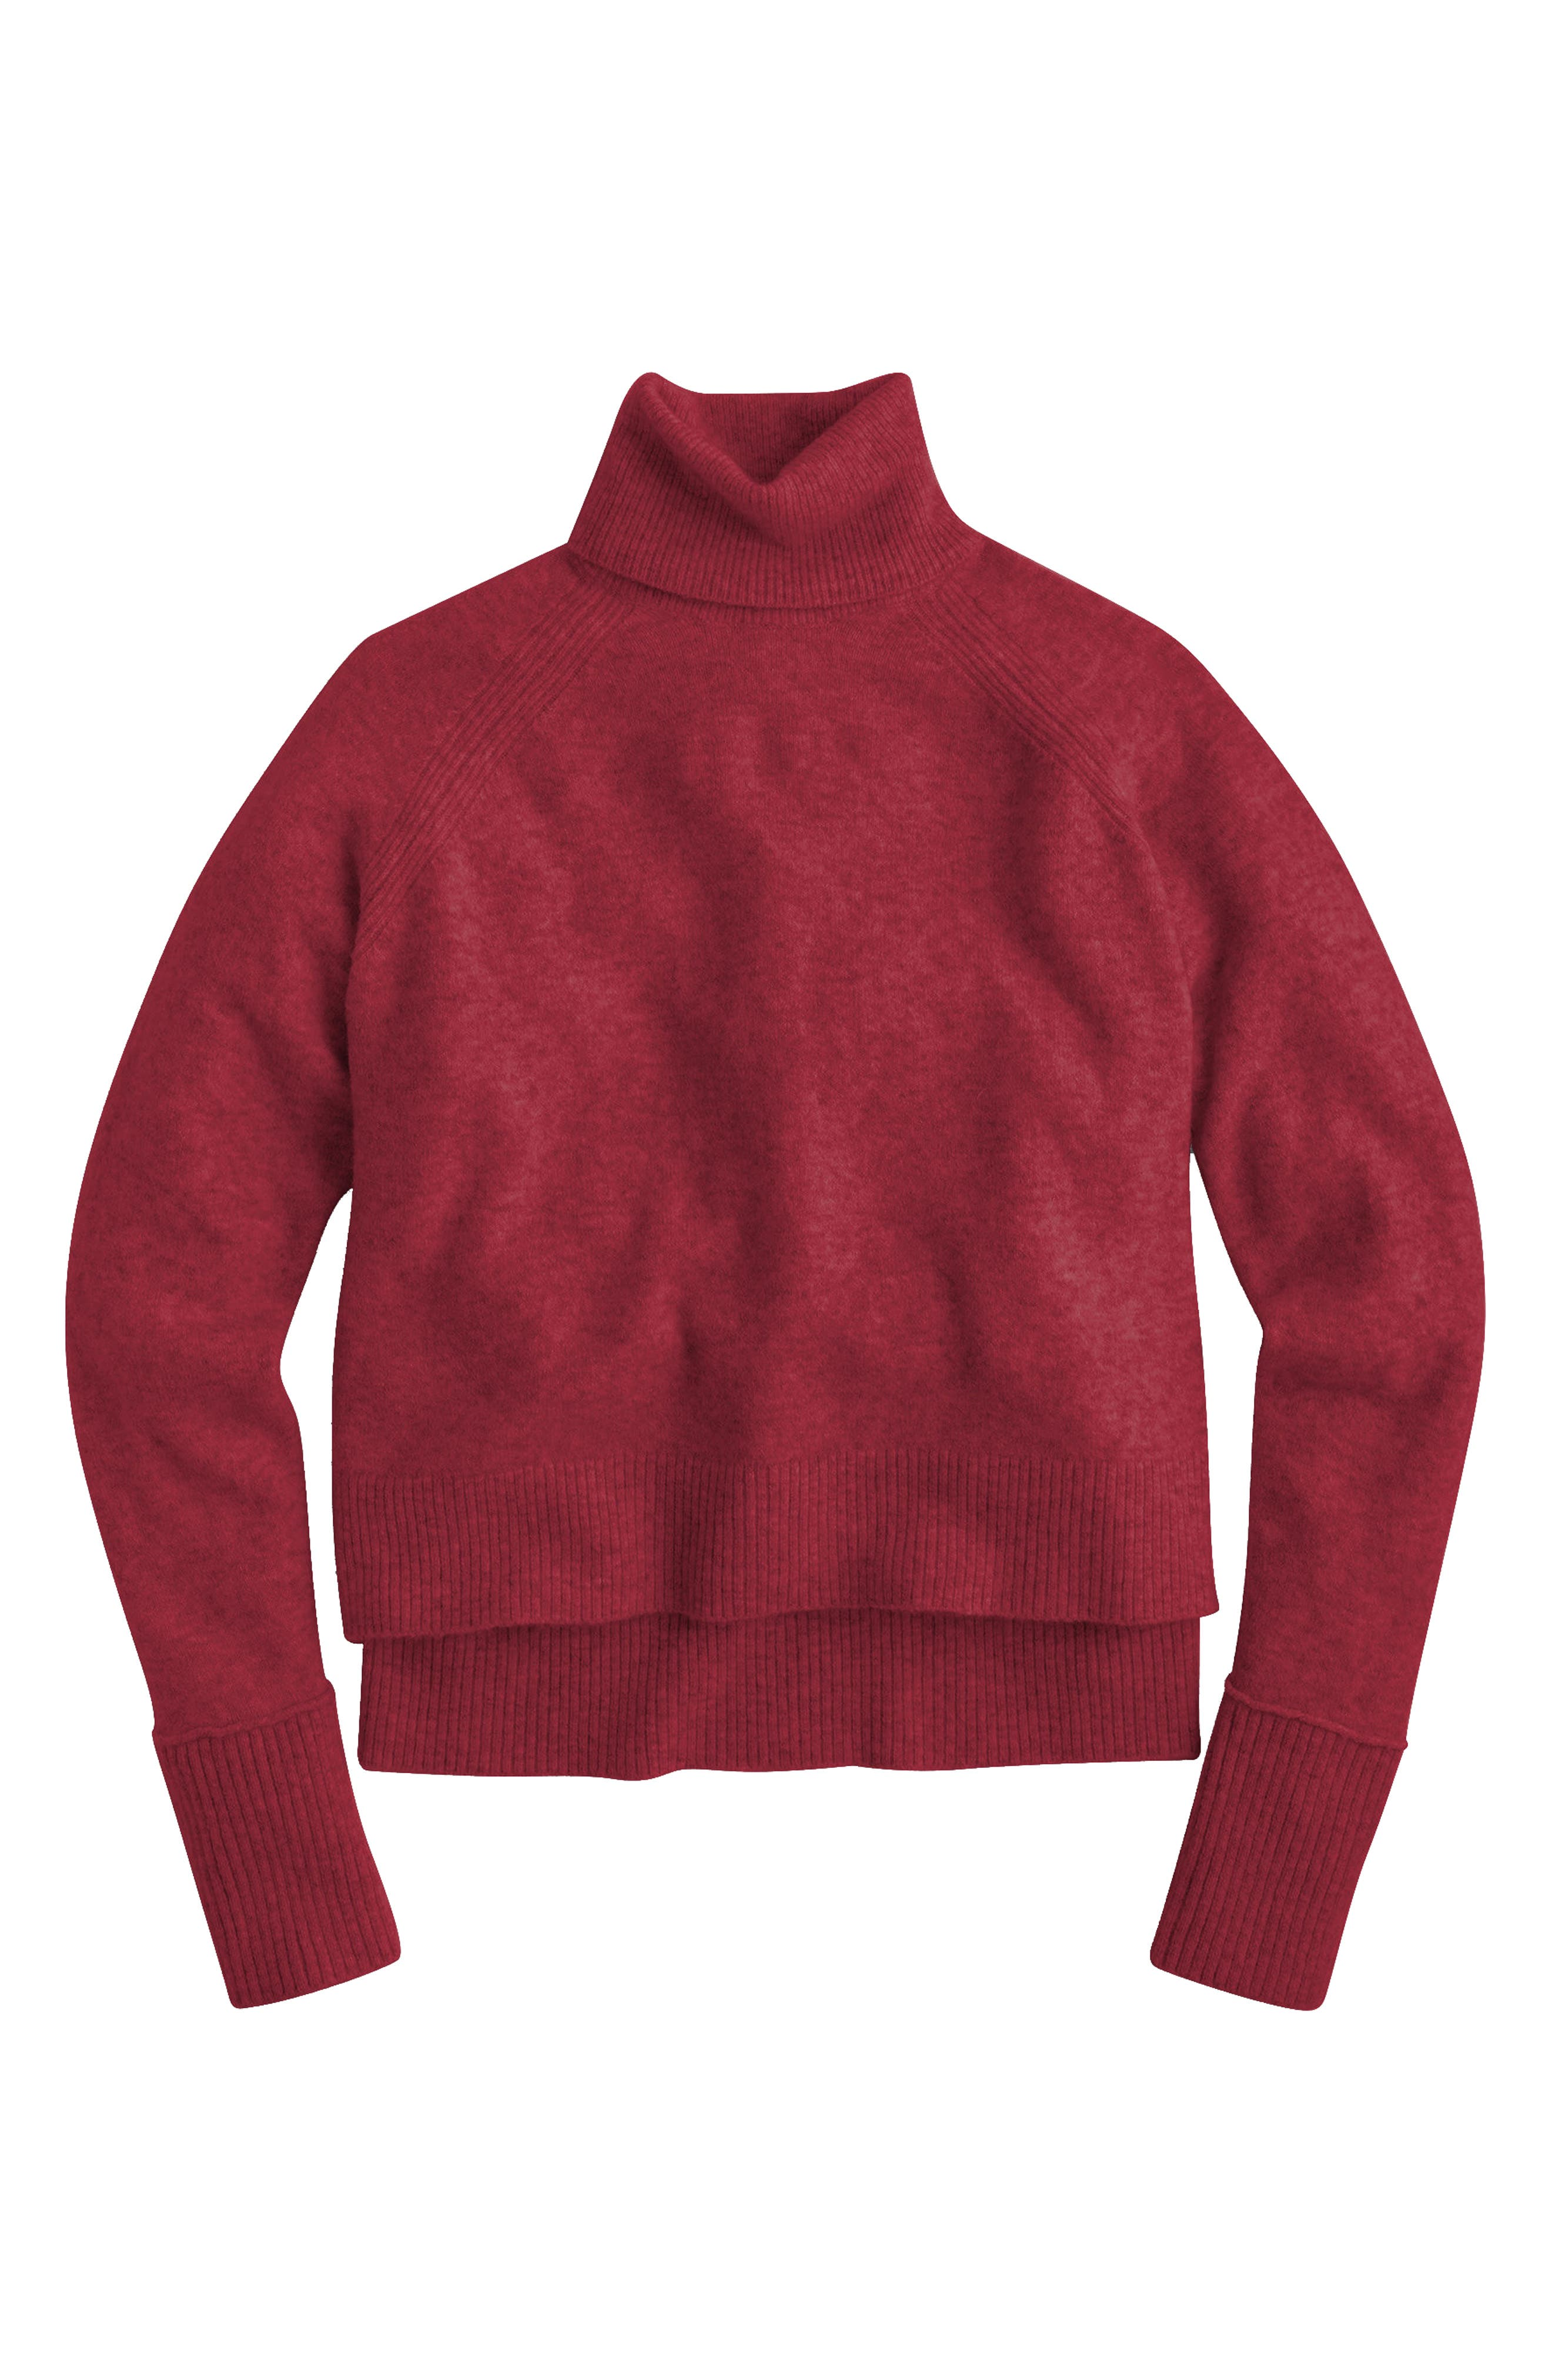 Main Image - J.Crew Side Slit Supersoft Turtleneck Sweater